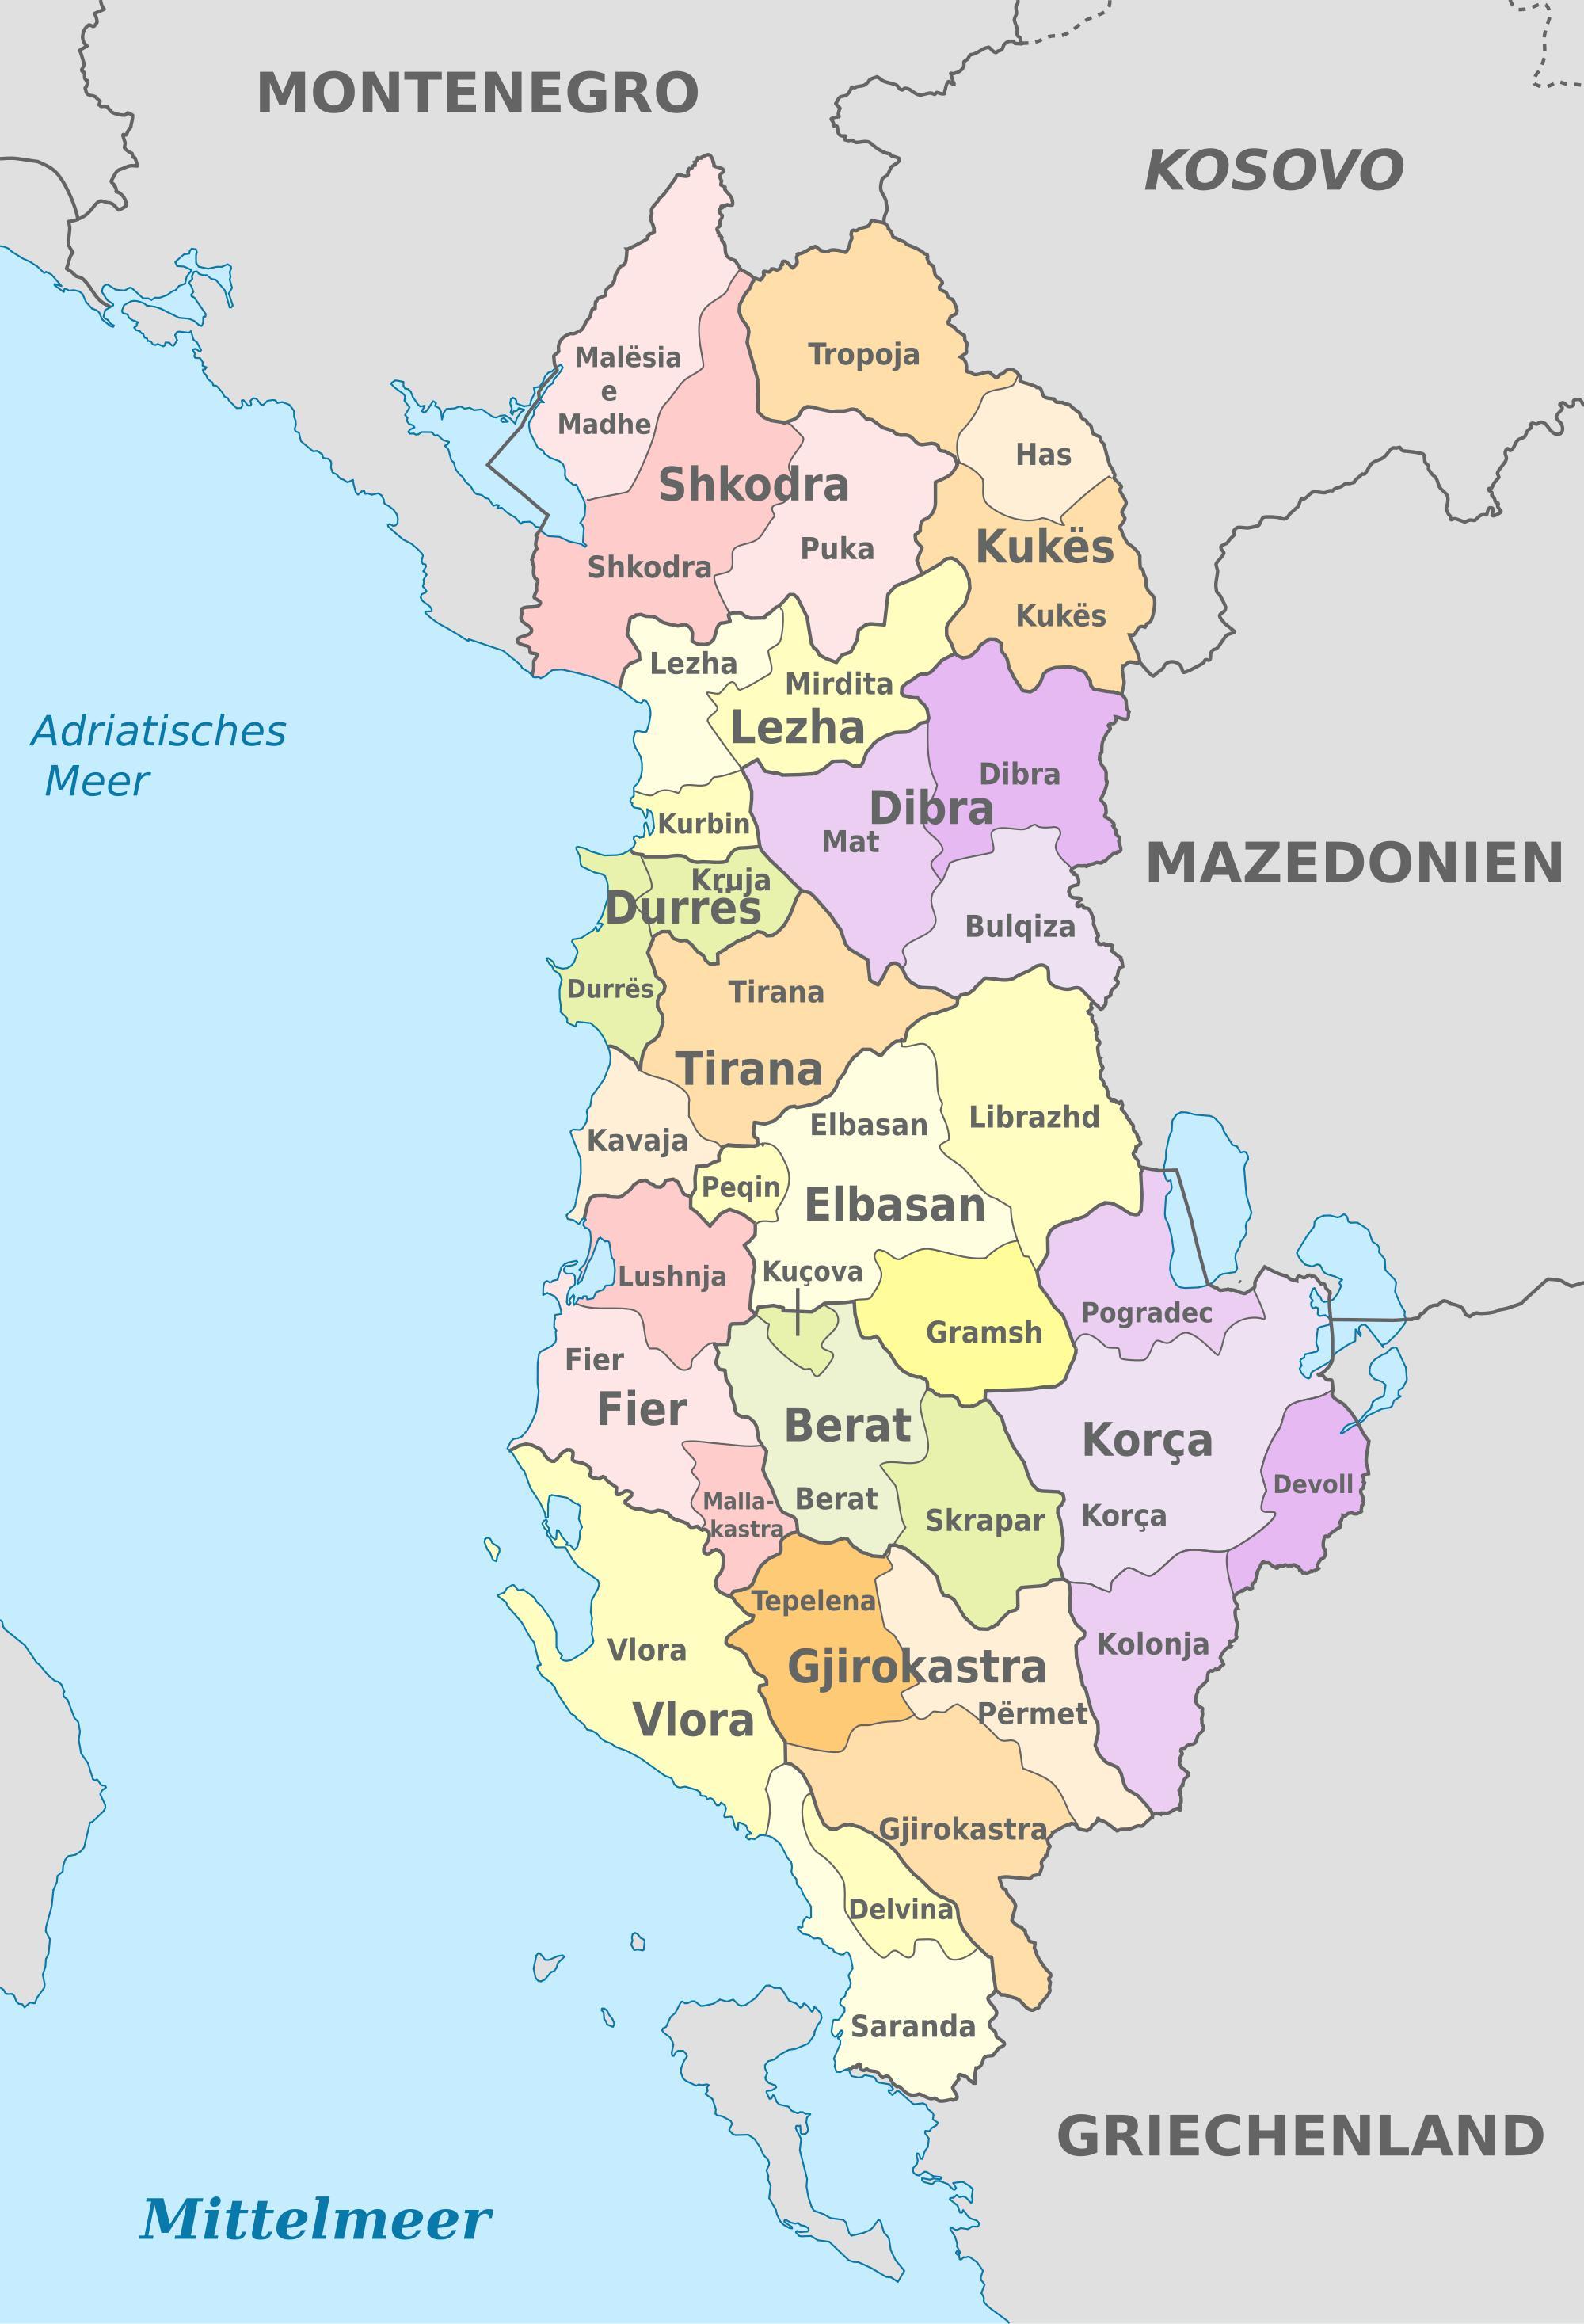 Karta Albanije Superjoden